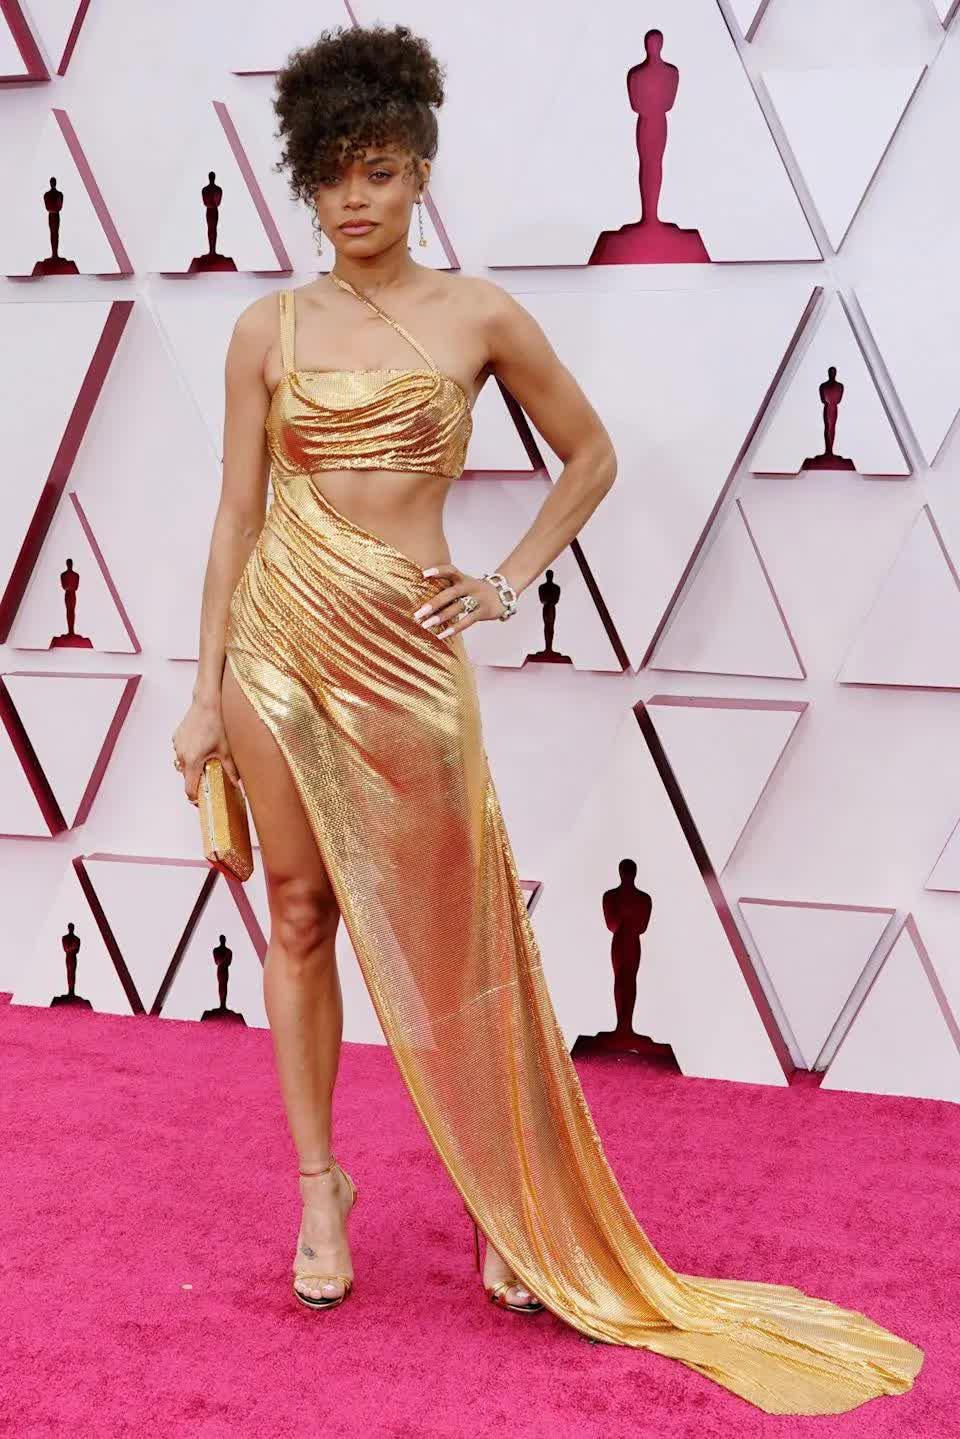 Xu hướng mùa hè gợi mở từ phong cách váy vai trần xâm chiếm giải Oscar 2021 - hình ảnh 2